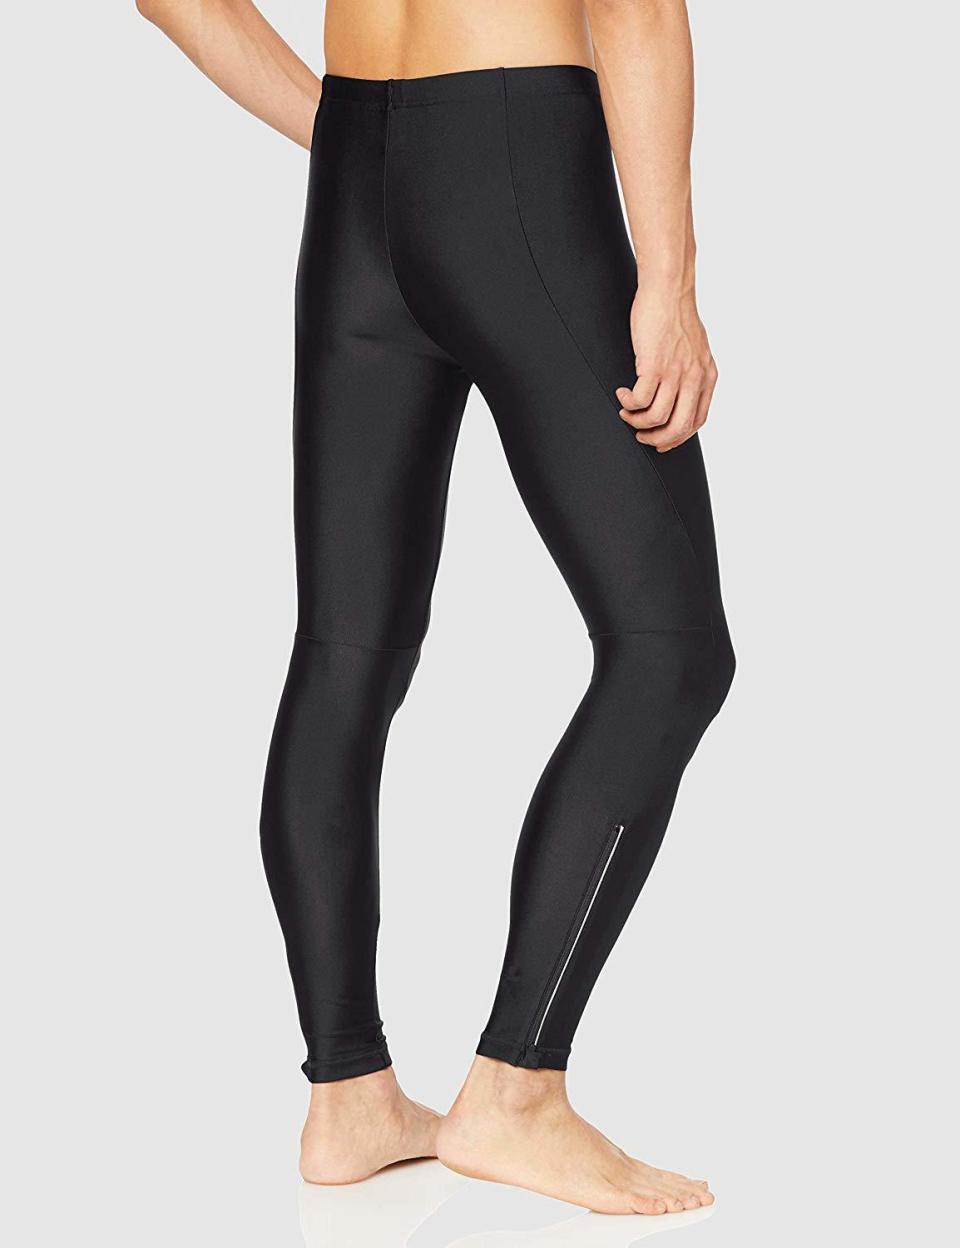 メンズ用ランニングファッション「着こなしの鉄則」:ジョギングを楽しくするランニングウェア&着こなし術 24番目の画像